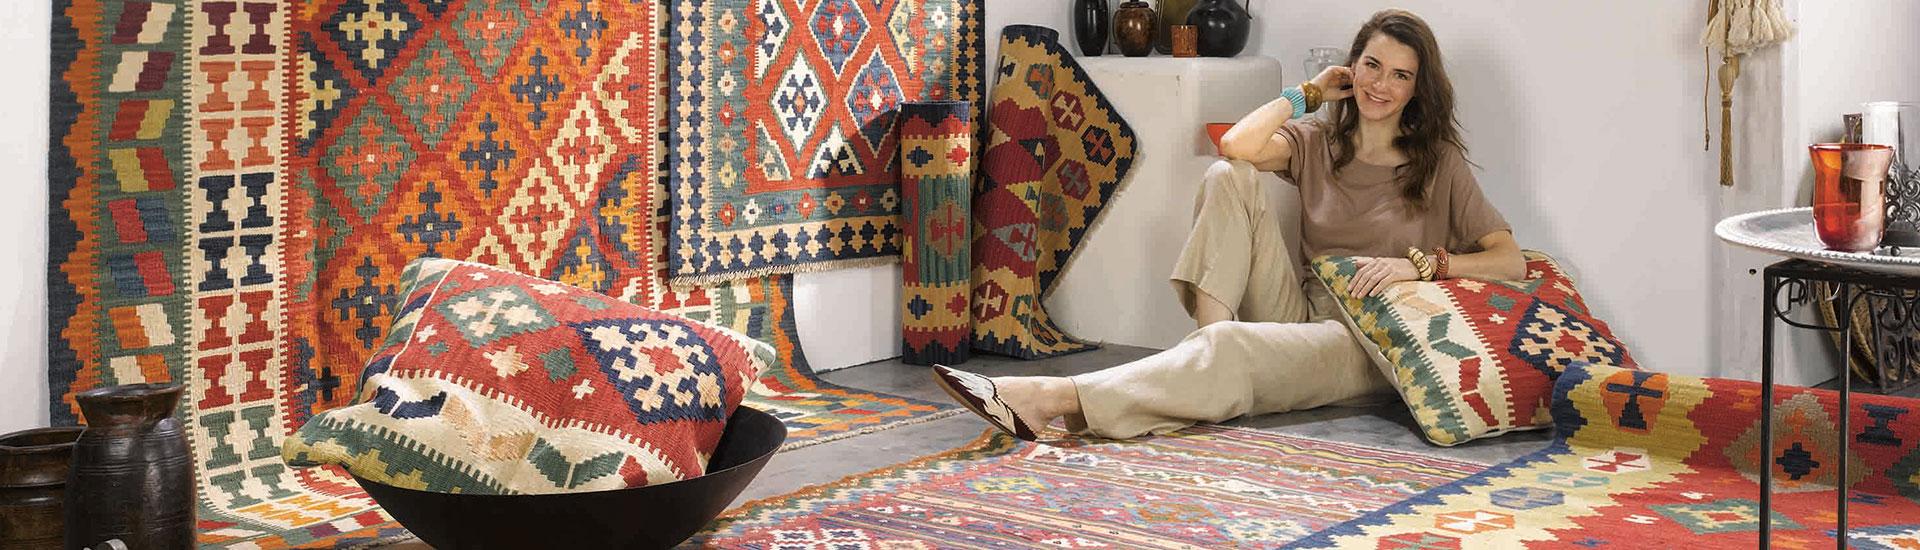 Internationales Teppich-Zentrum - Möbel Schulze Coburg, Rödental & Ilmenau